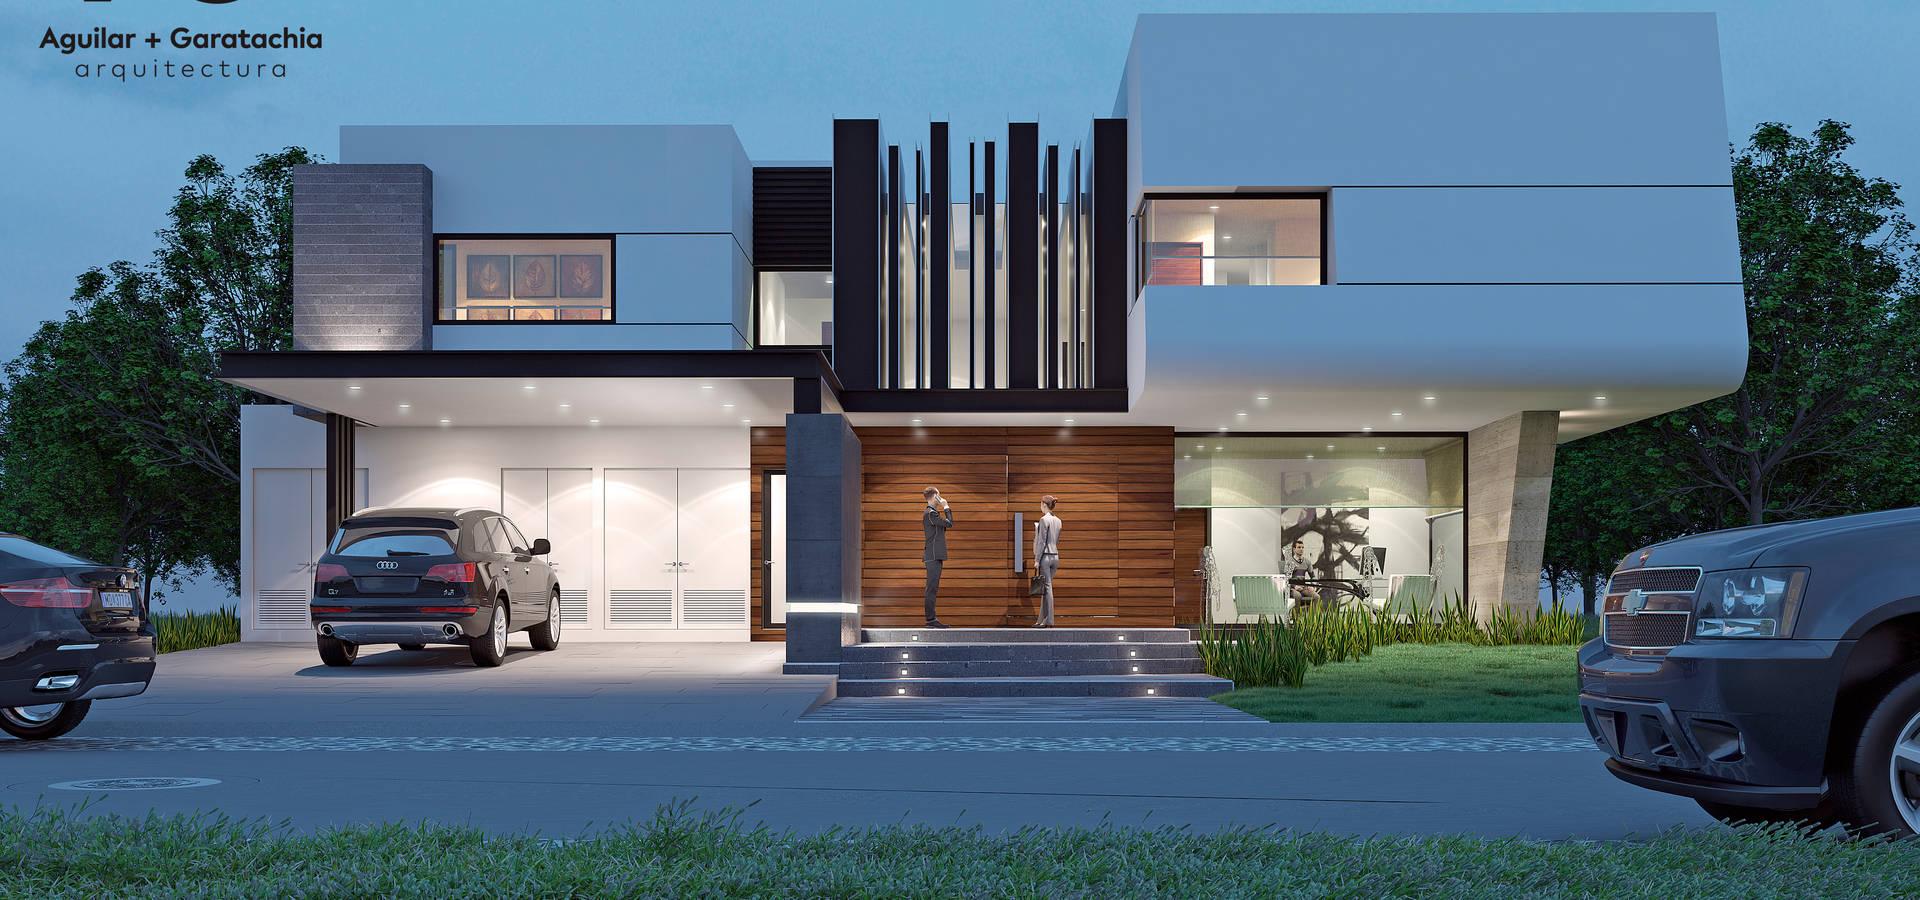 Aguilar + Gartachia arquitectura